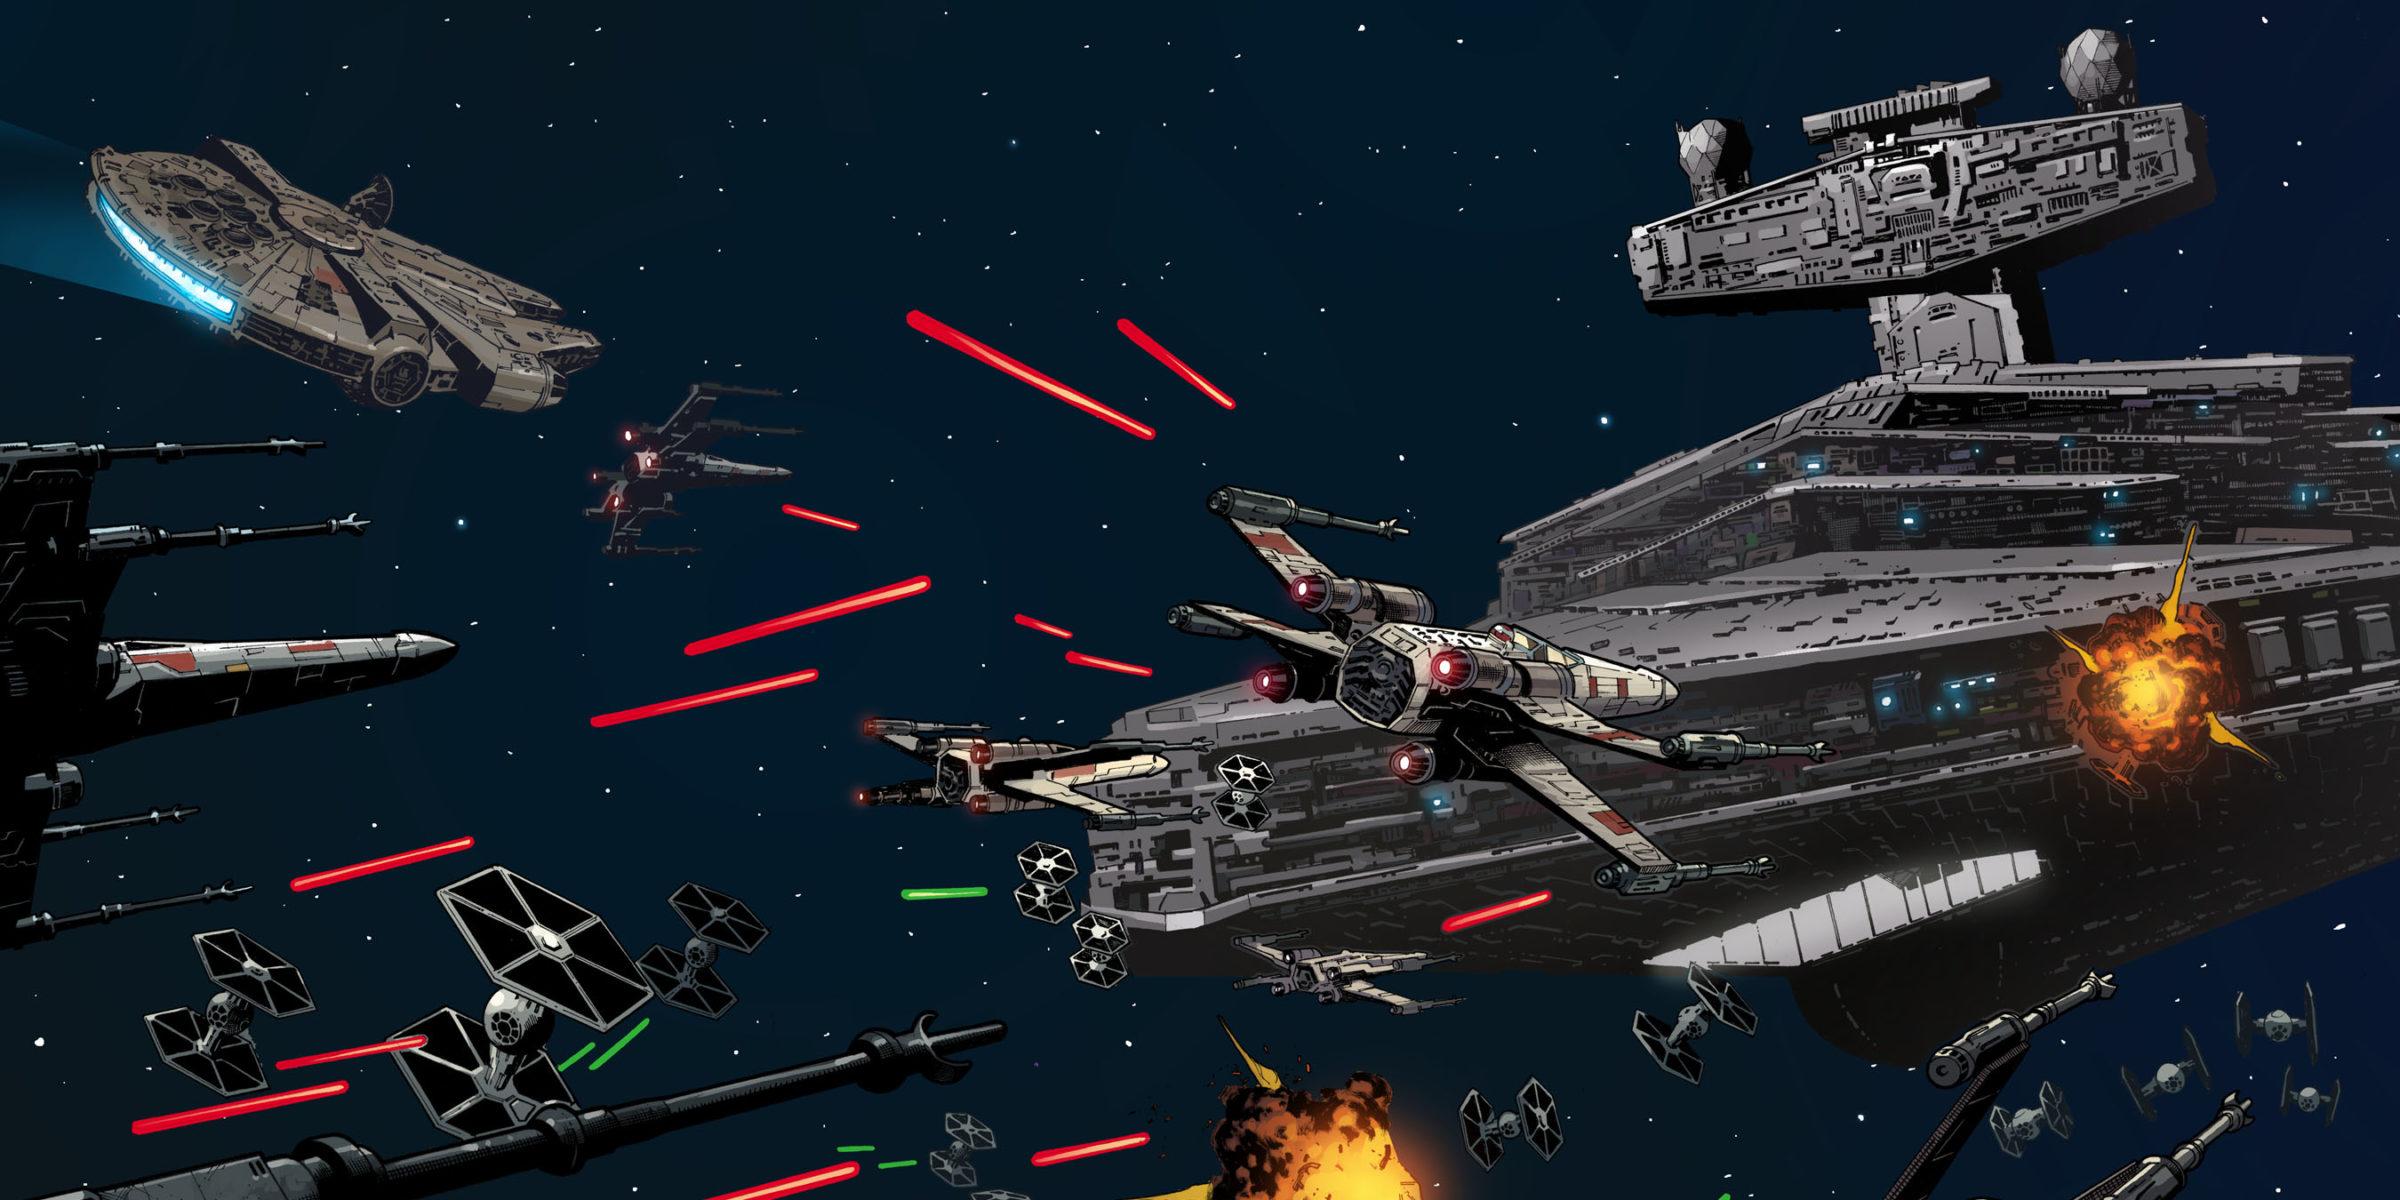 star wars 23 battaglia